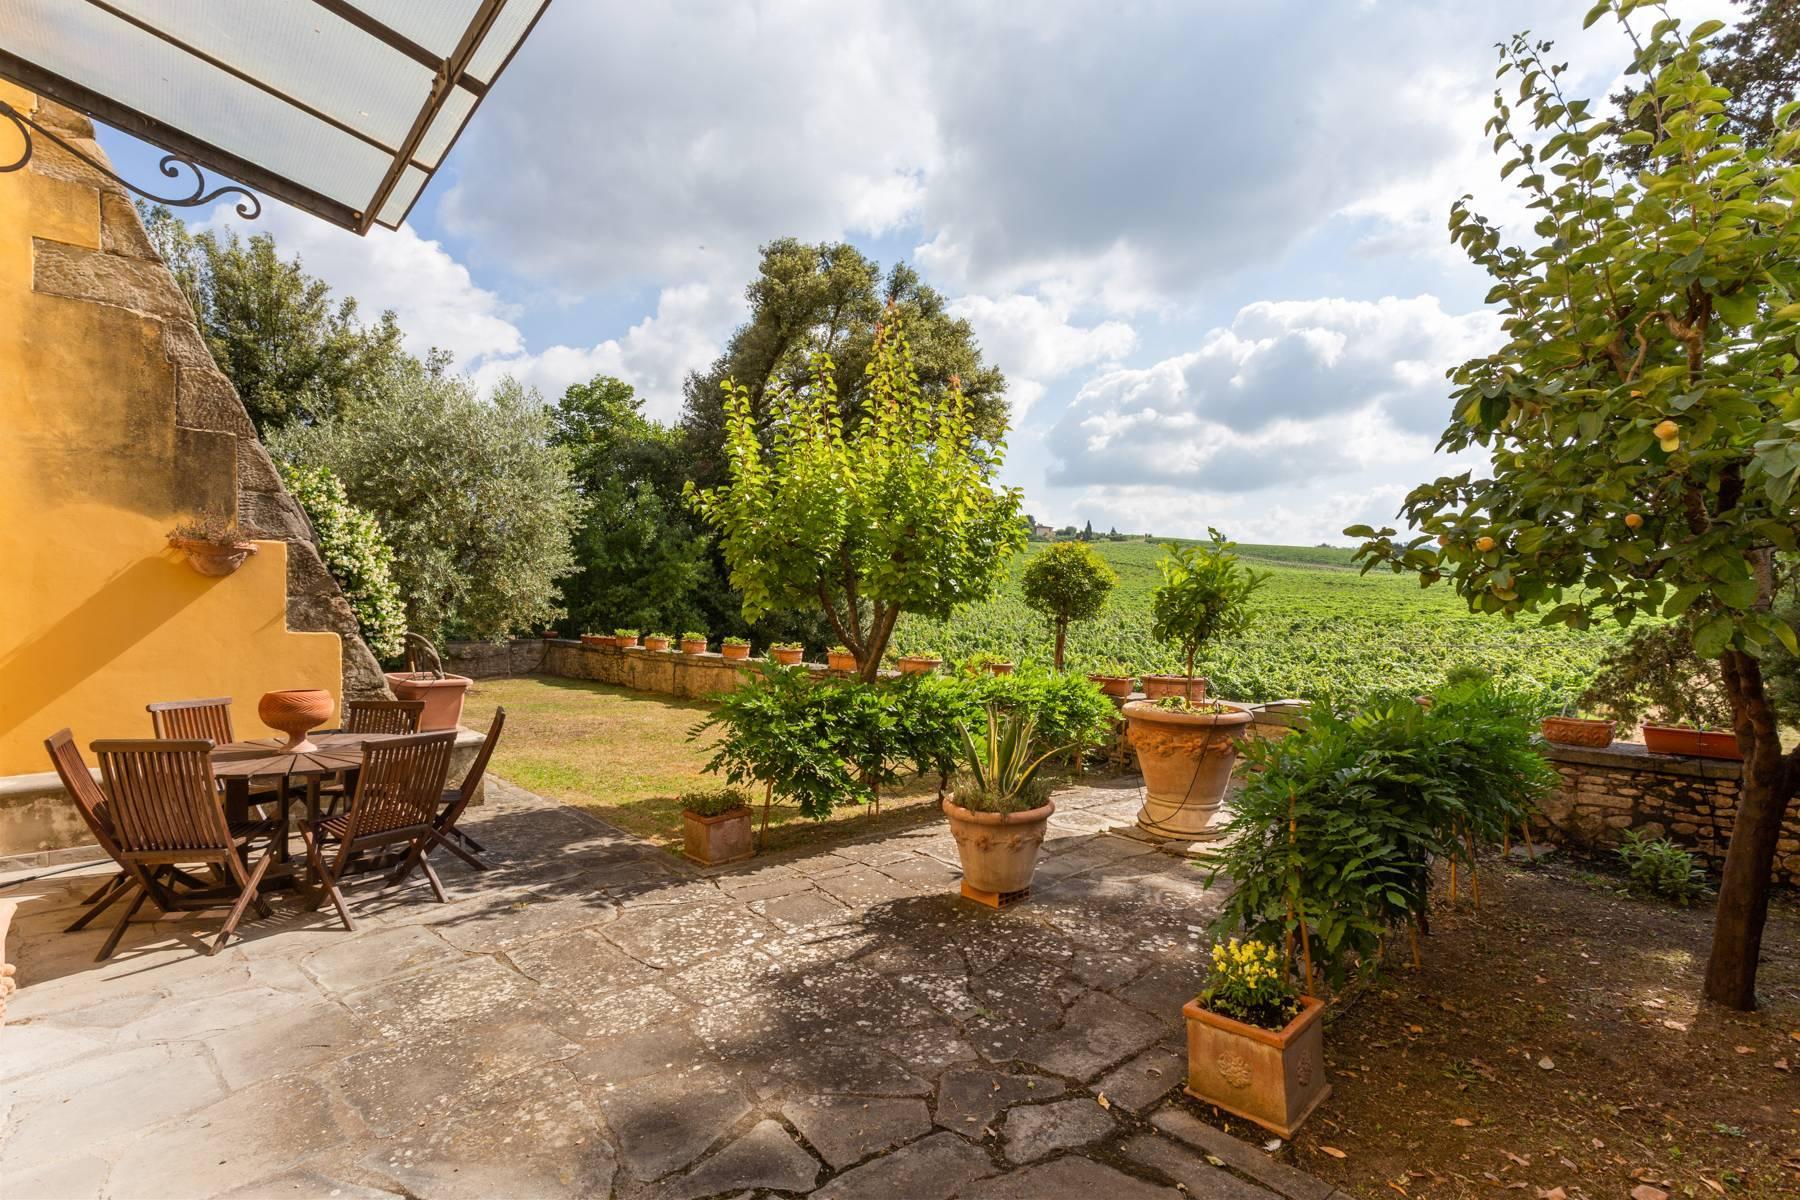 Magnifique appartement dans villa historique du XVI siècle avec jardin - 12